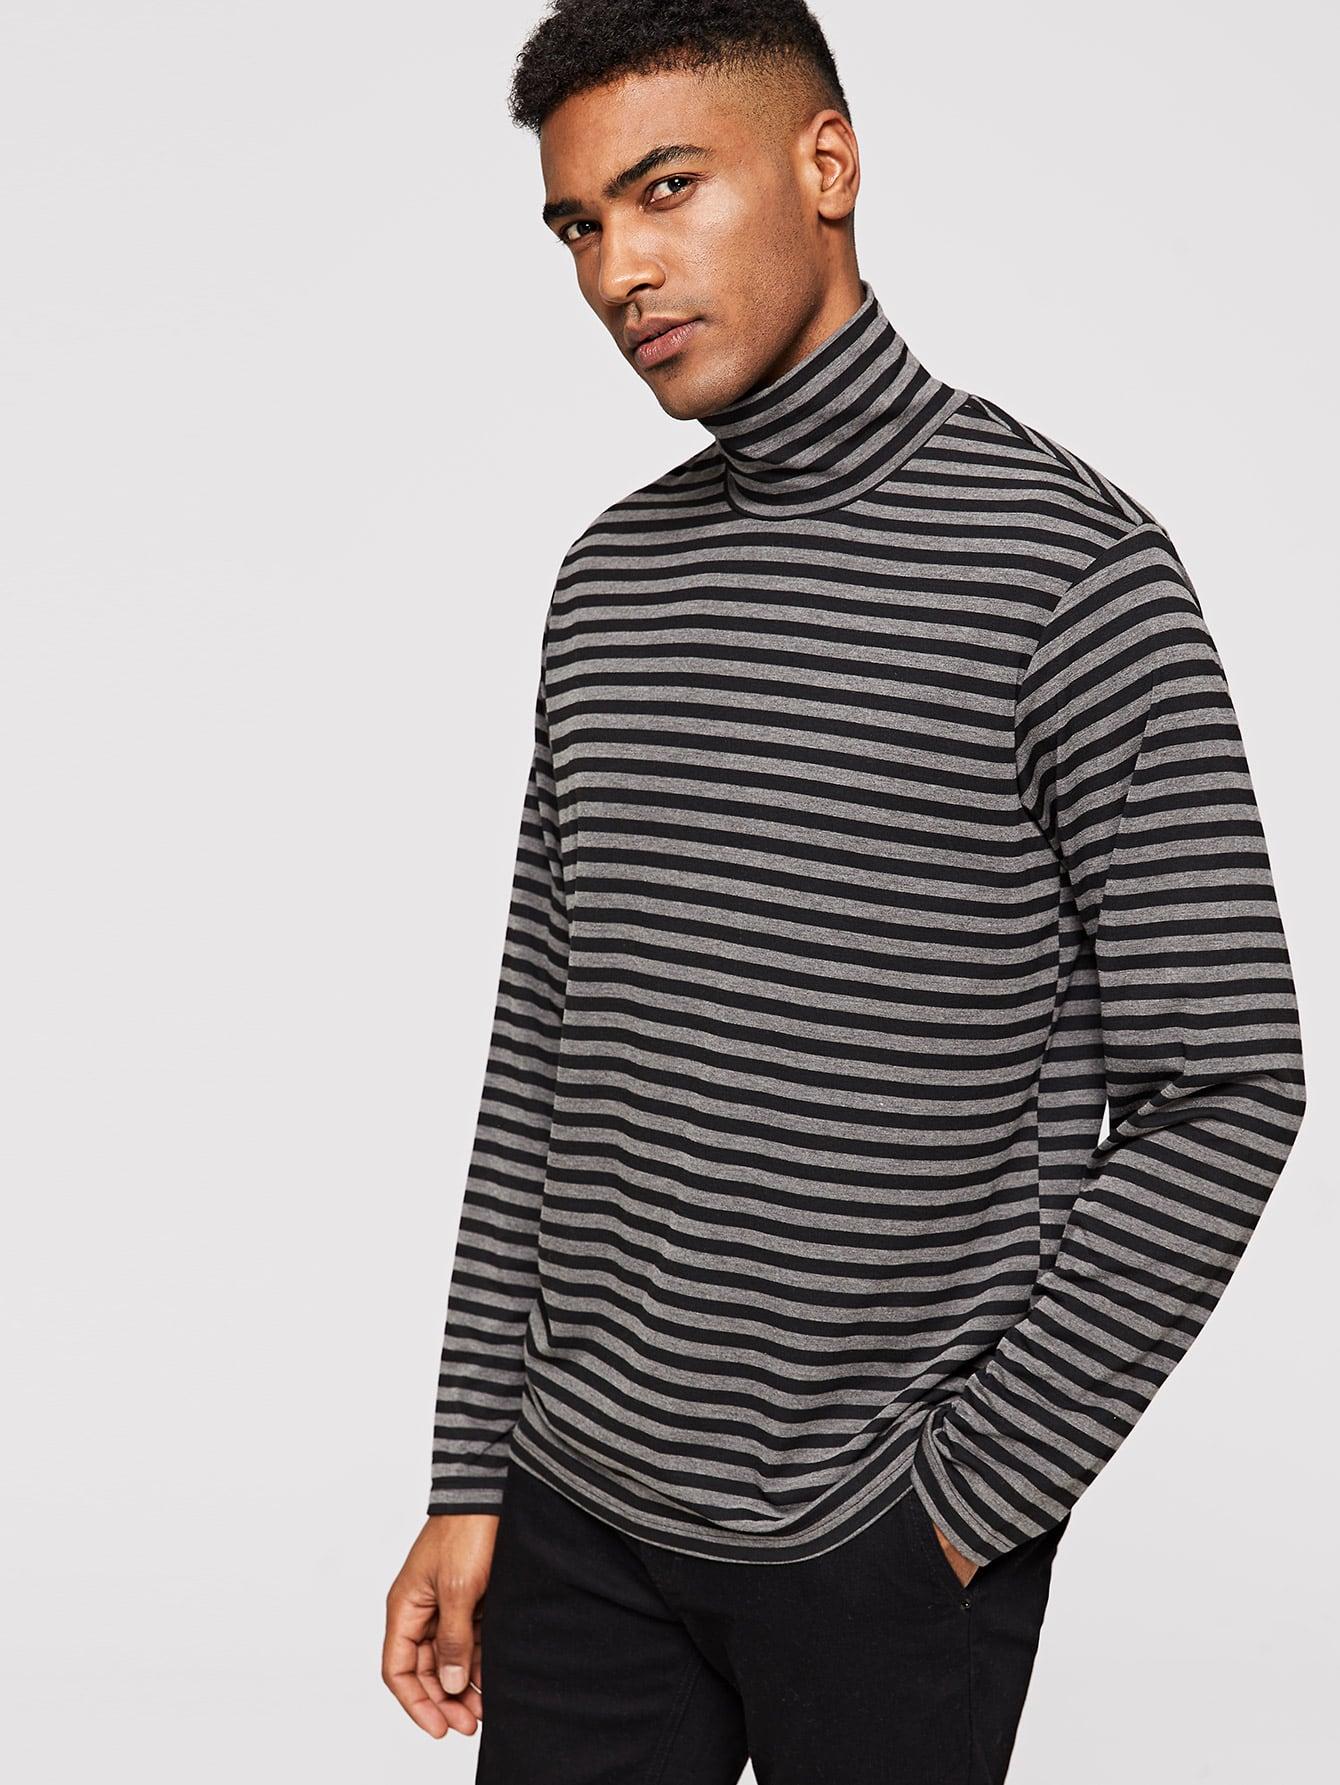 Купить Мужская полосатая футболка с высоким вырезом, Johnn Silva, SheIn